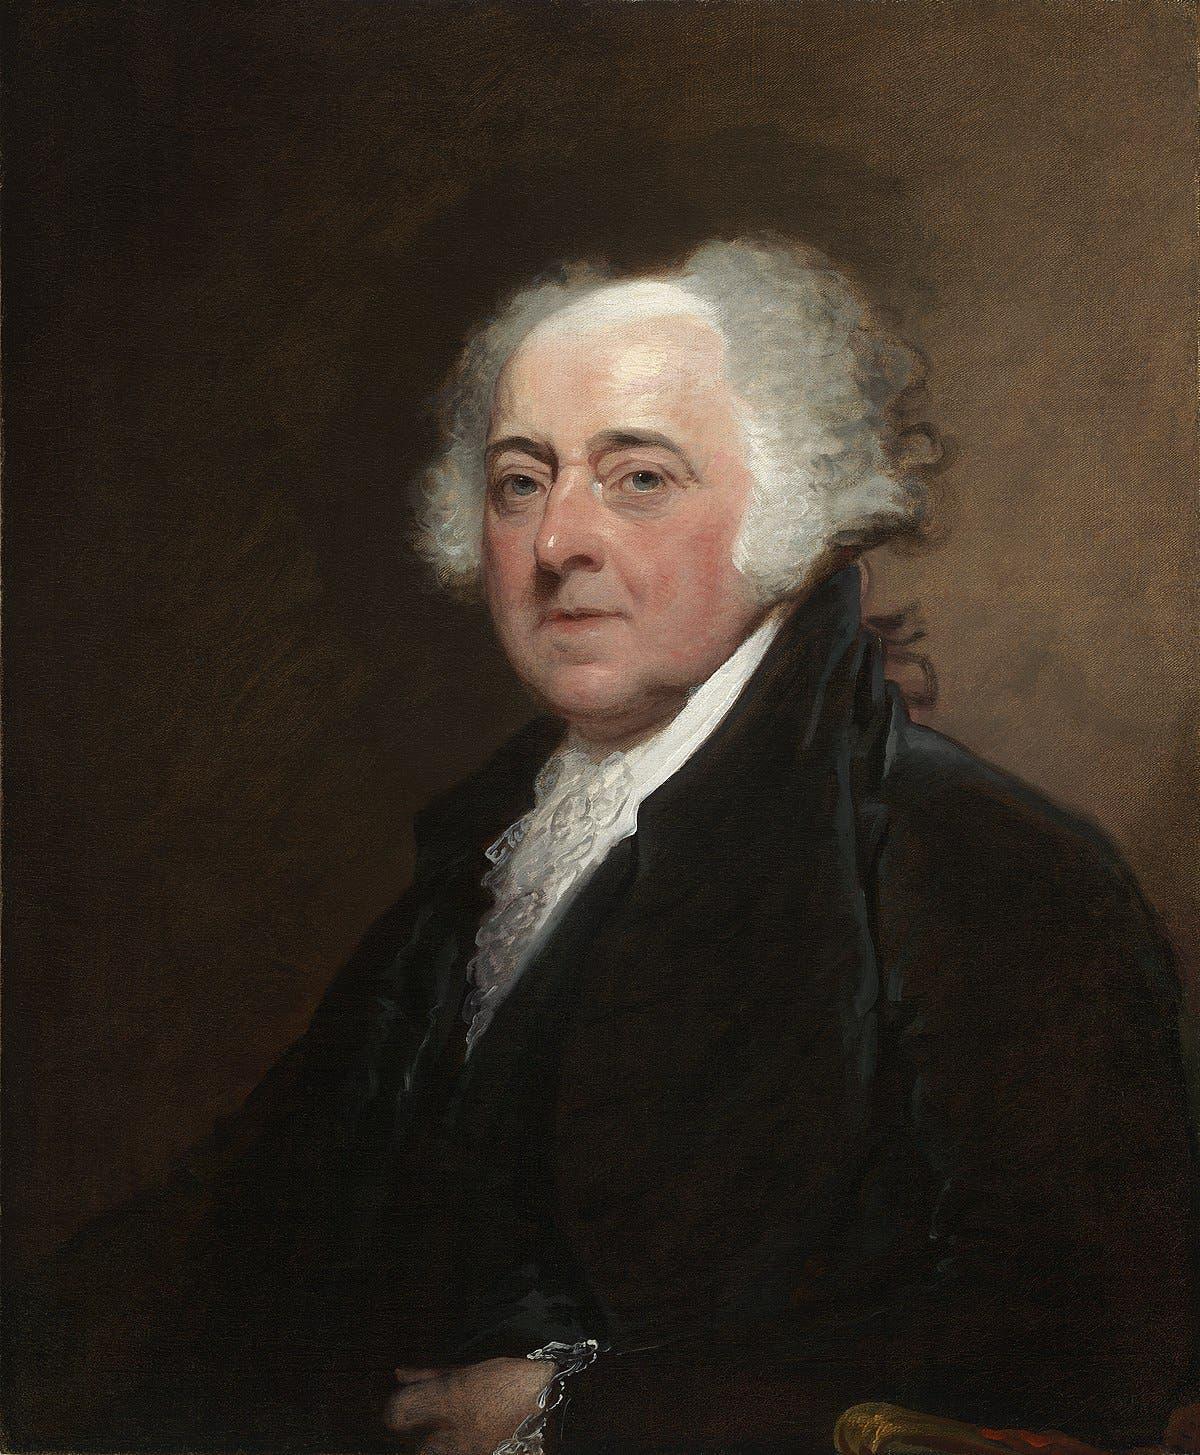 صورة للرئيس الأميركي جون أدامز